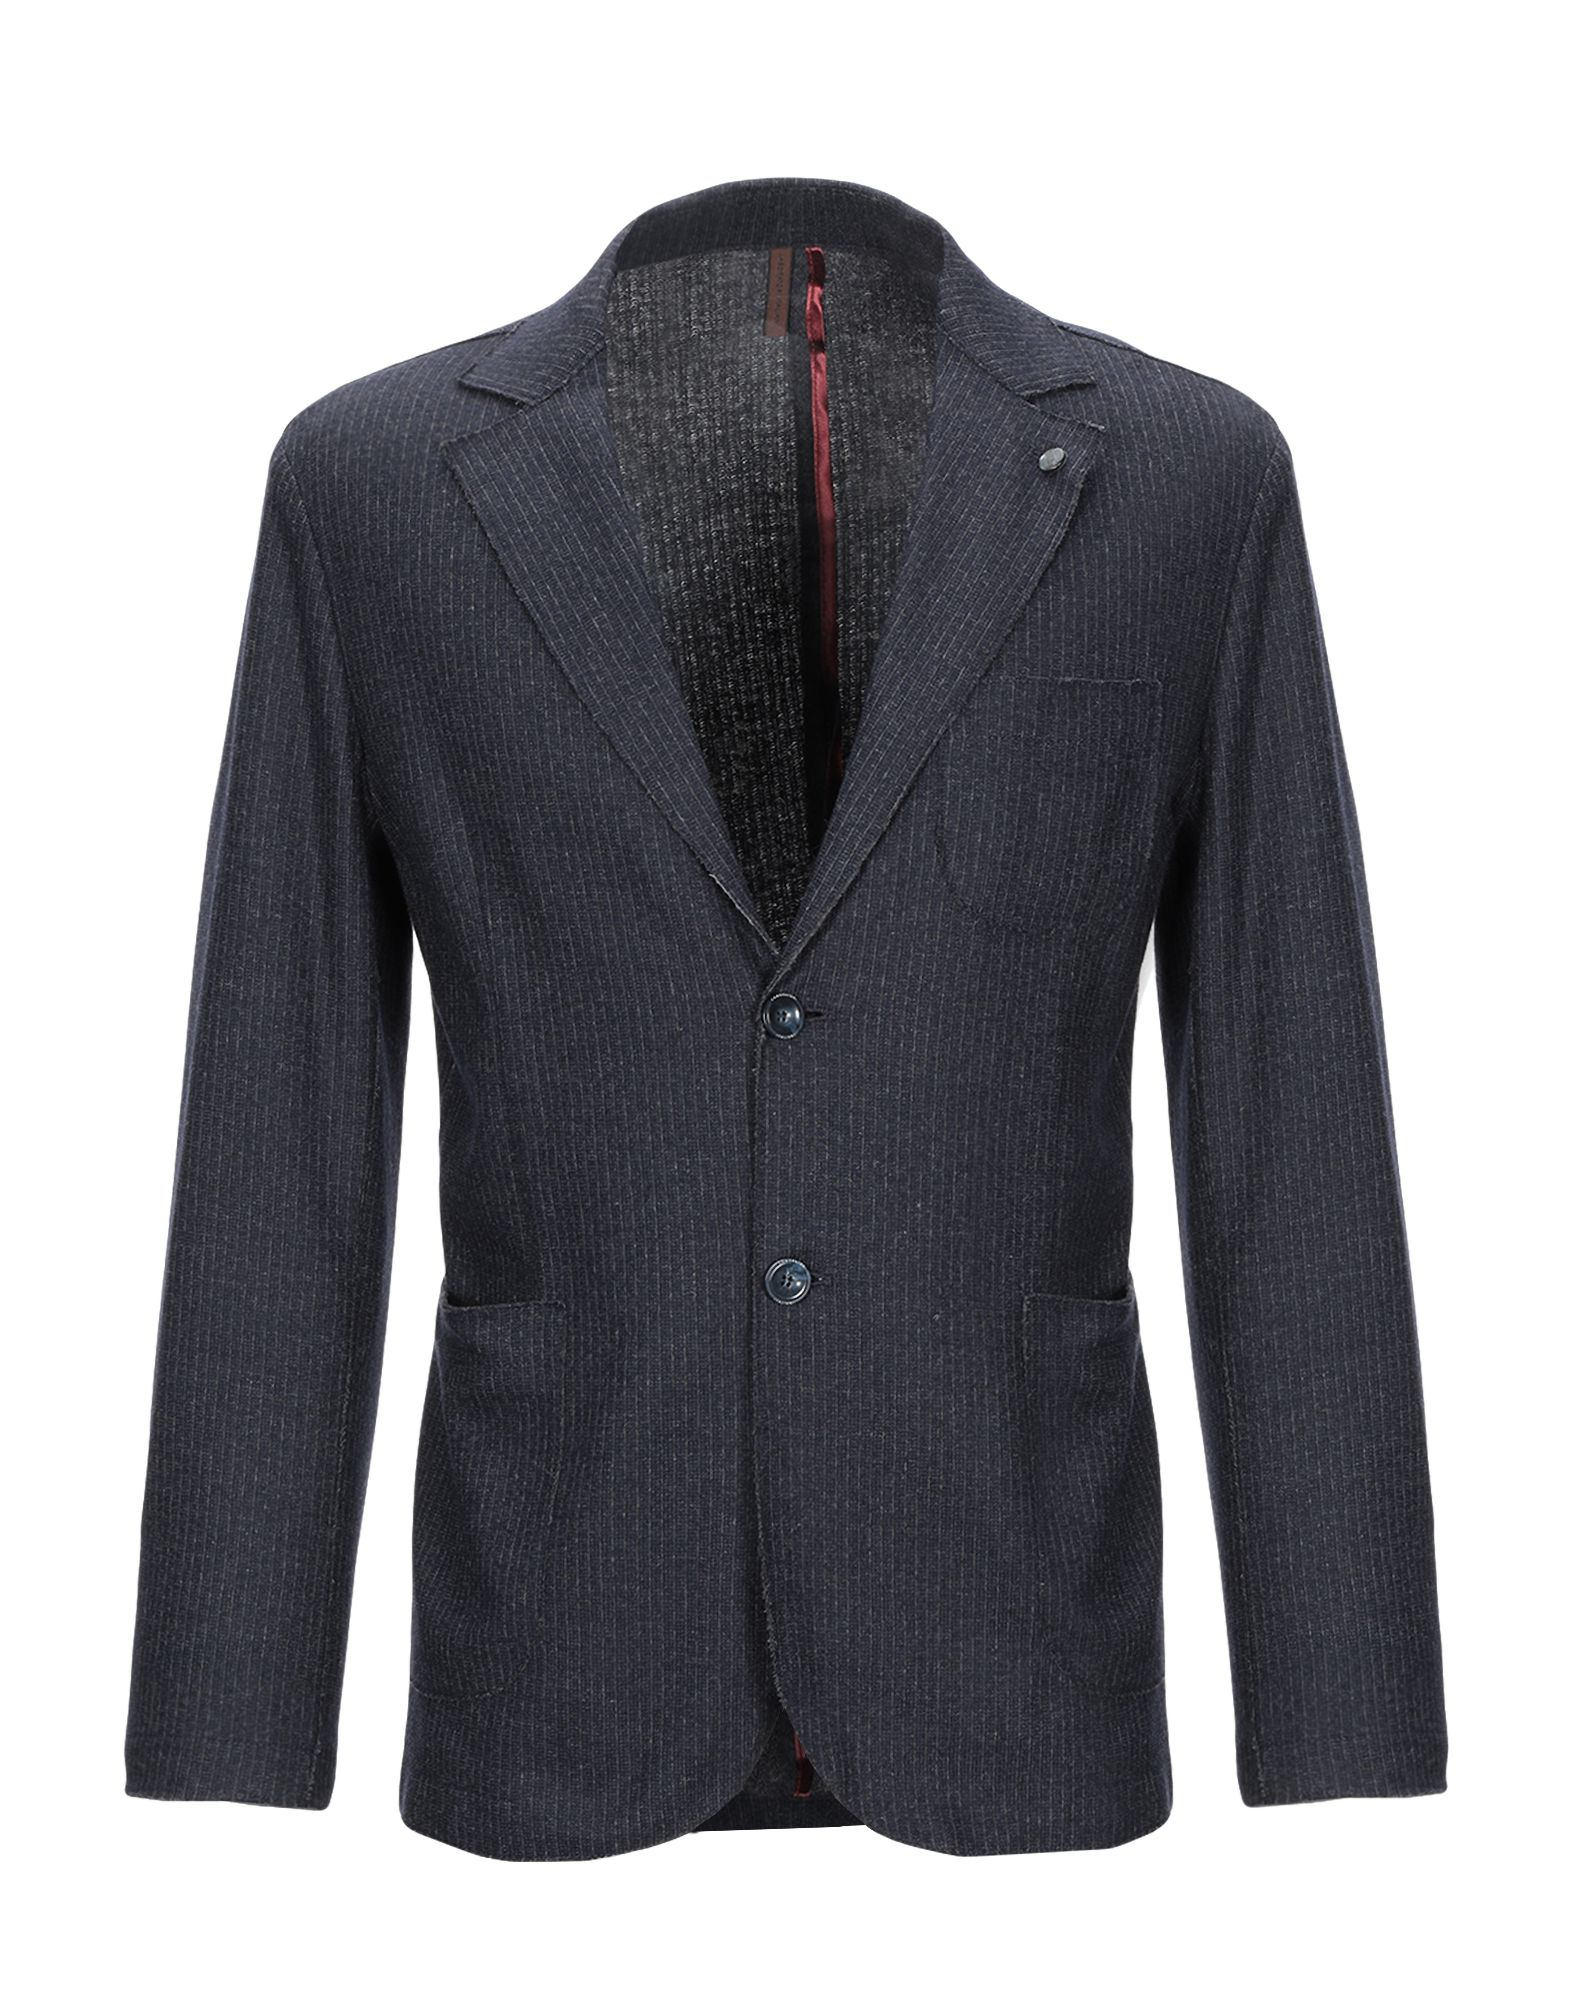 《期間限定 セール開催中》LABORATORI ITALIANI メンズ テーラードジャケット スチールグレー 48 コットン 55% / バージンウール 31% / ナイロン 12% / カシミヤ 2%